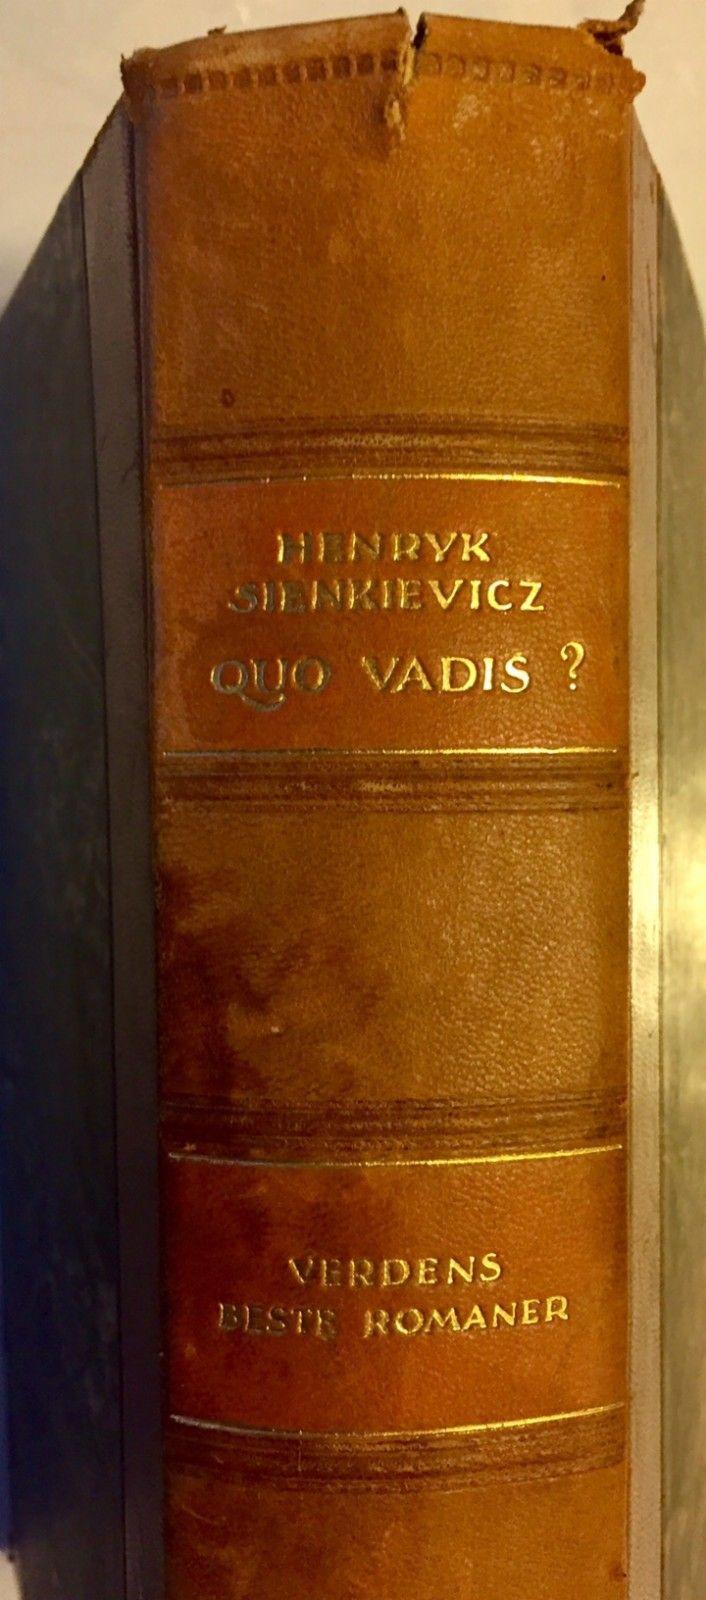 Quo Vadis?, av Henryk Sienkievicz - Oslo  - Innbundet. Klassiker fra 1929. Hentepris. Forsendelse kr 80,- ekstra. Totalt 180,-. Pengene kan vippses til tlf 98087430, eller sendes til konto nr: 83802187621 i DnB. Quo vadis er en historisk roman av den polske forfatter Henryk Sienkiewicz, fø - Oslo